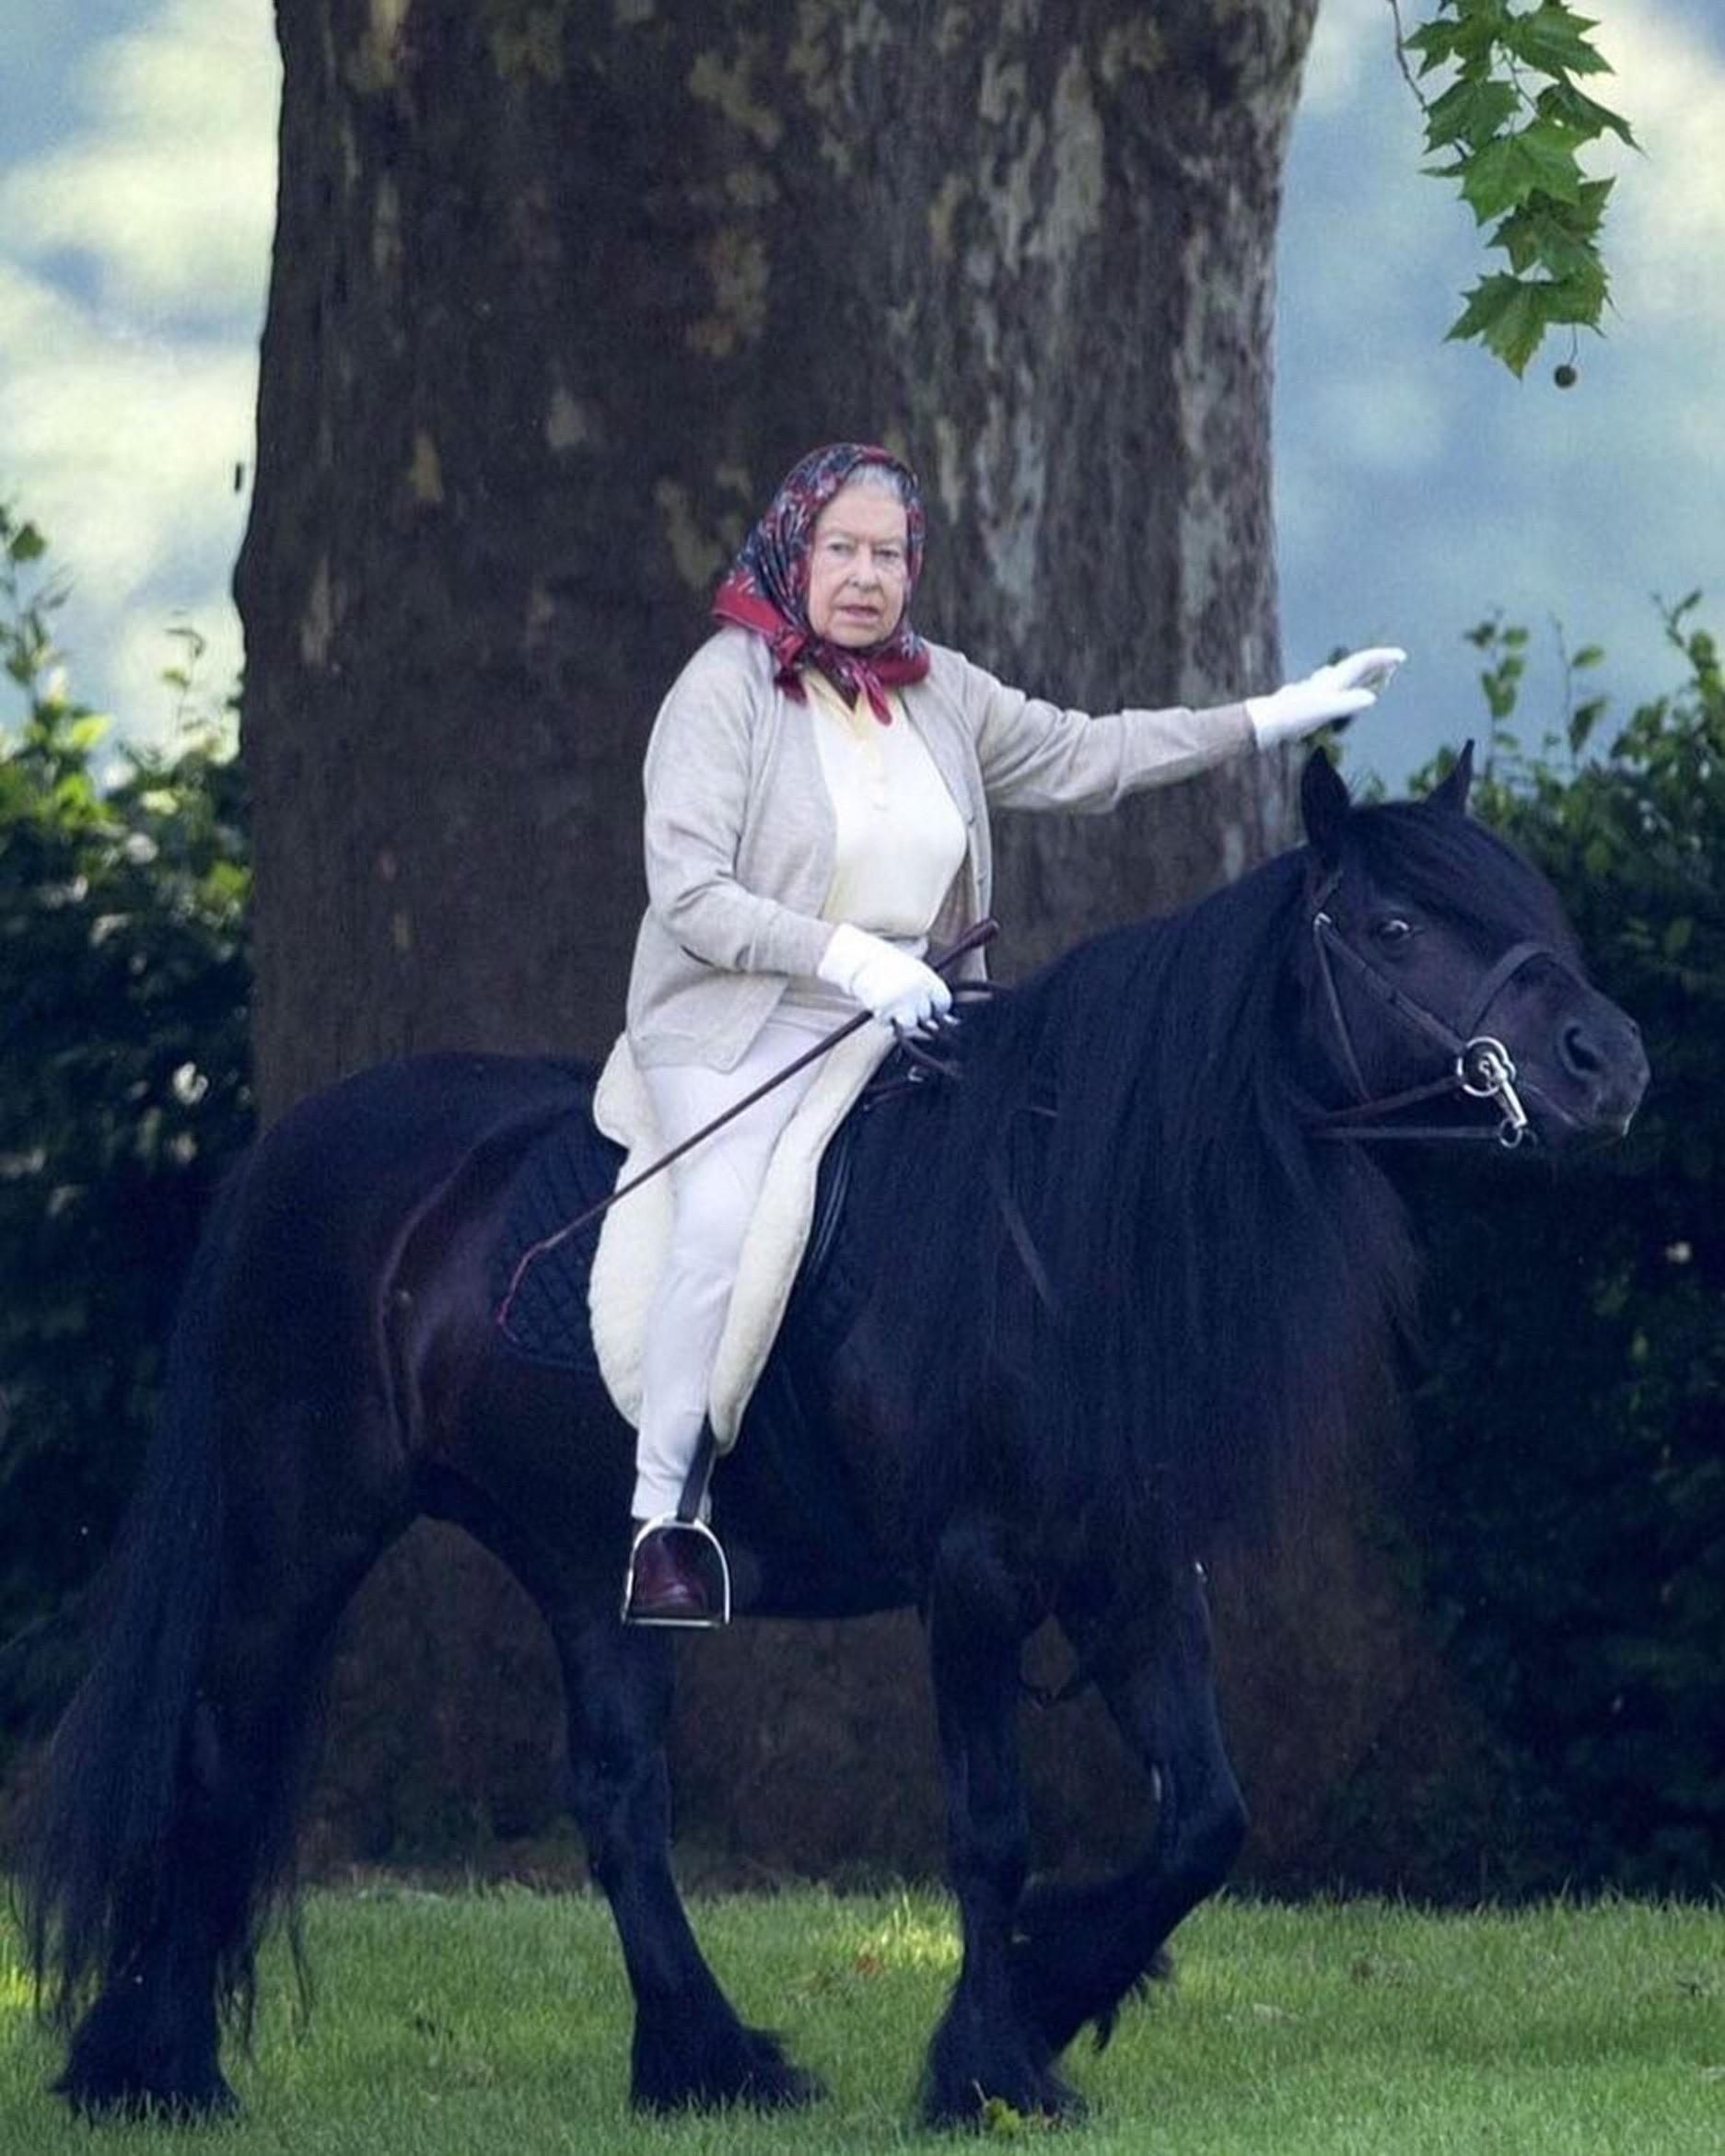 Вместо защитного шлема королева надевает свою знаменитую косынку (чтобы неиспортить прическу!), облачается втемное пальто иотправляется напрогулку верхом поБольшому Виндзорскому парк...